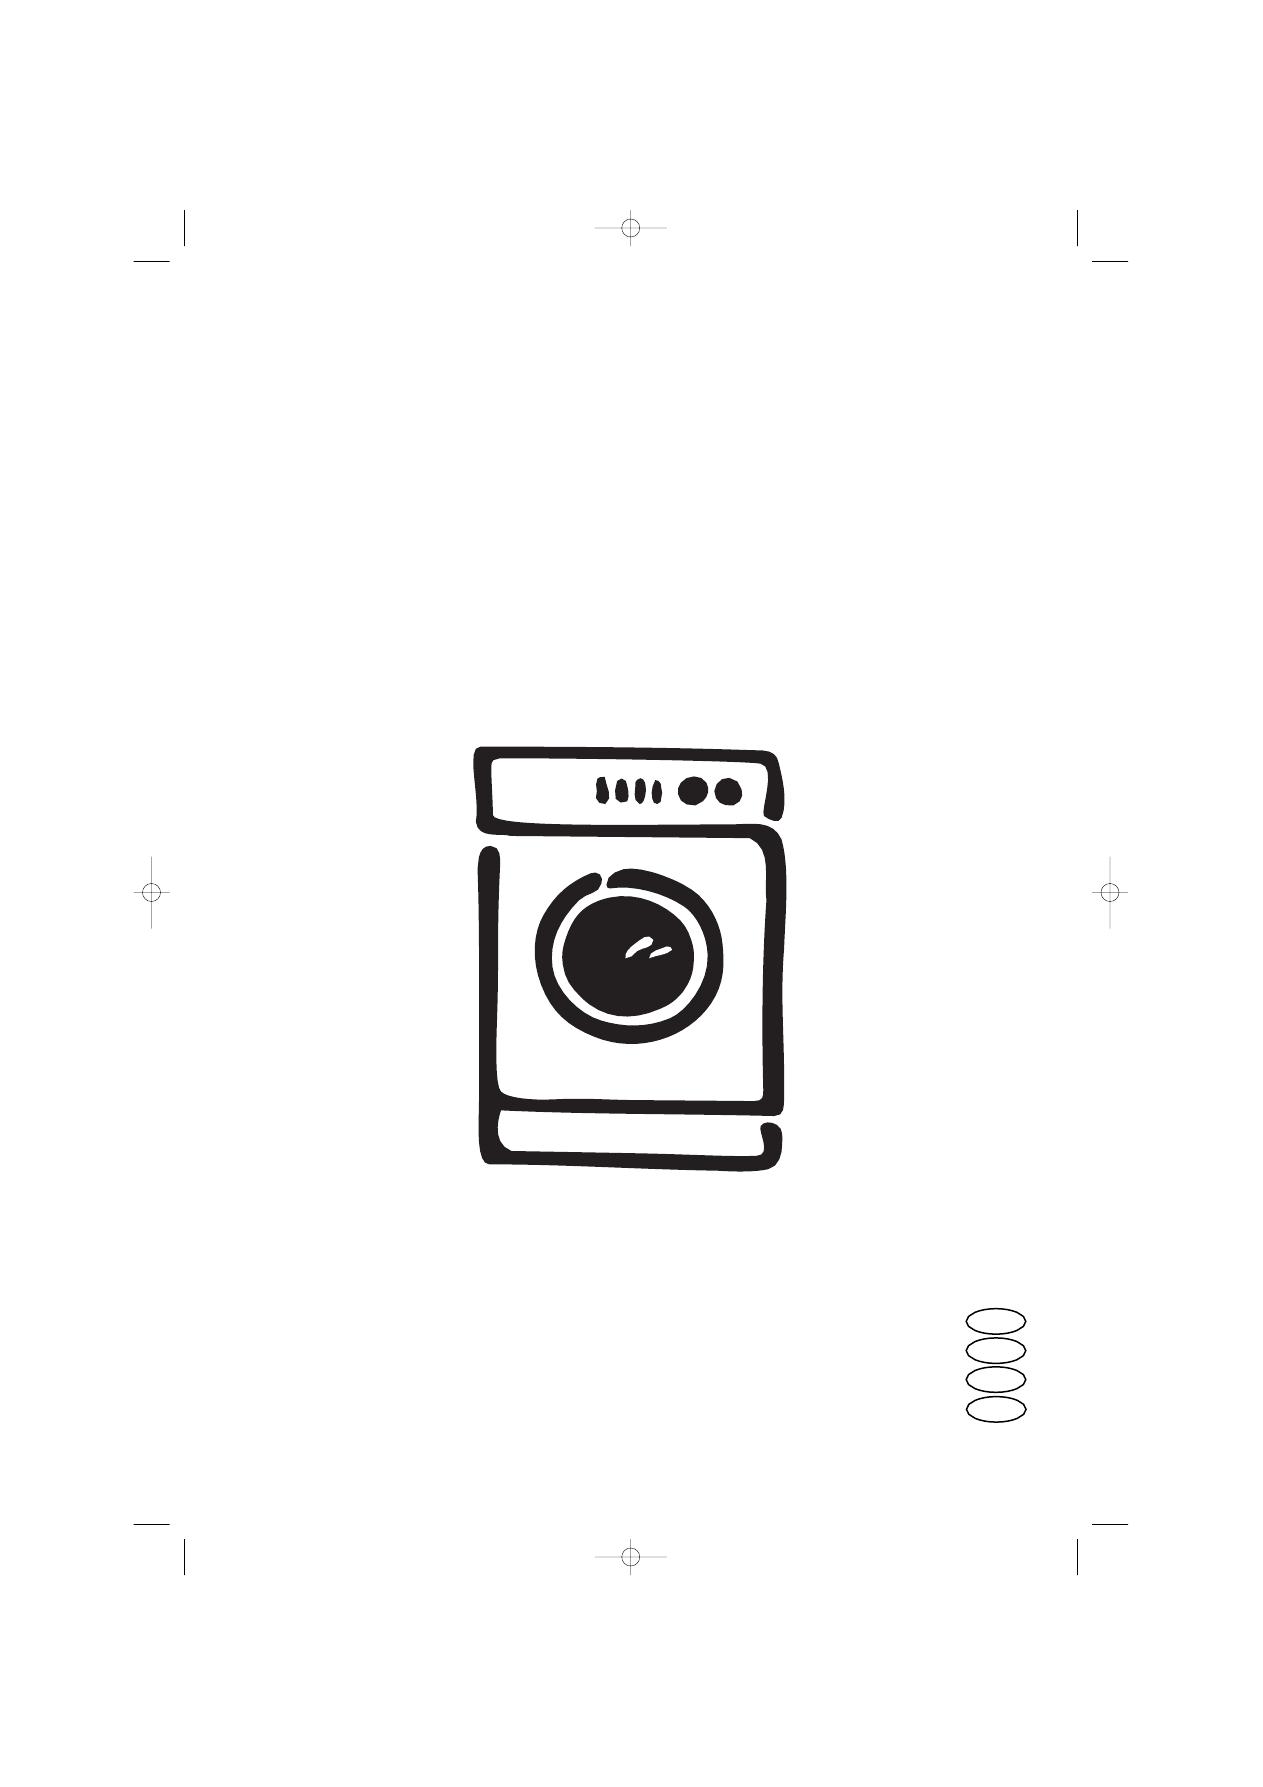 инструкция по эксплуатации стиральной машины electrolux